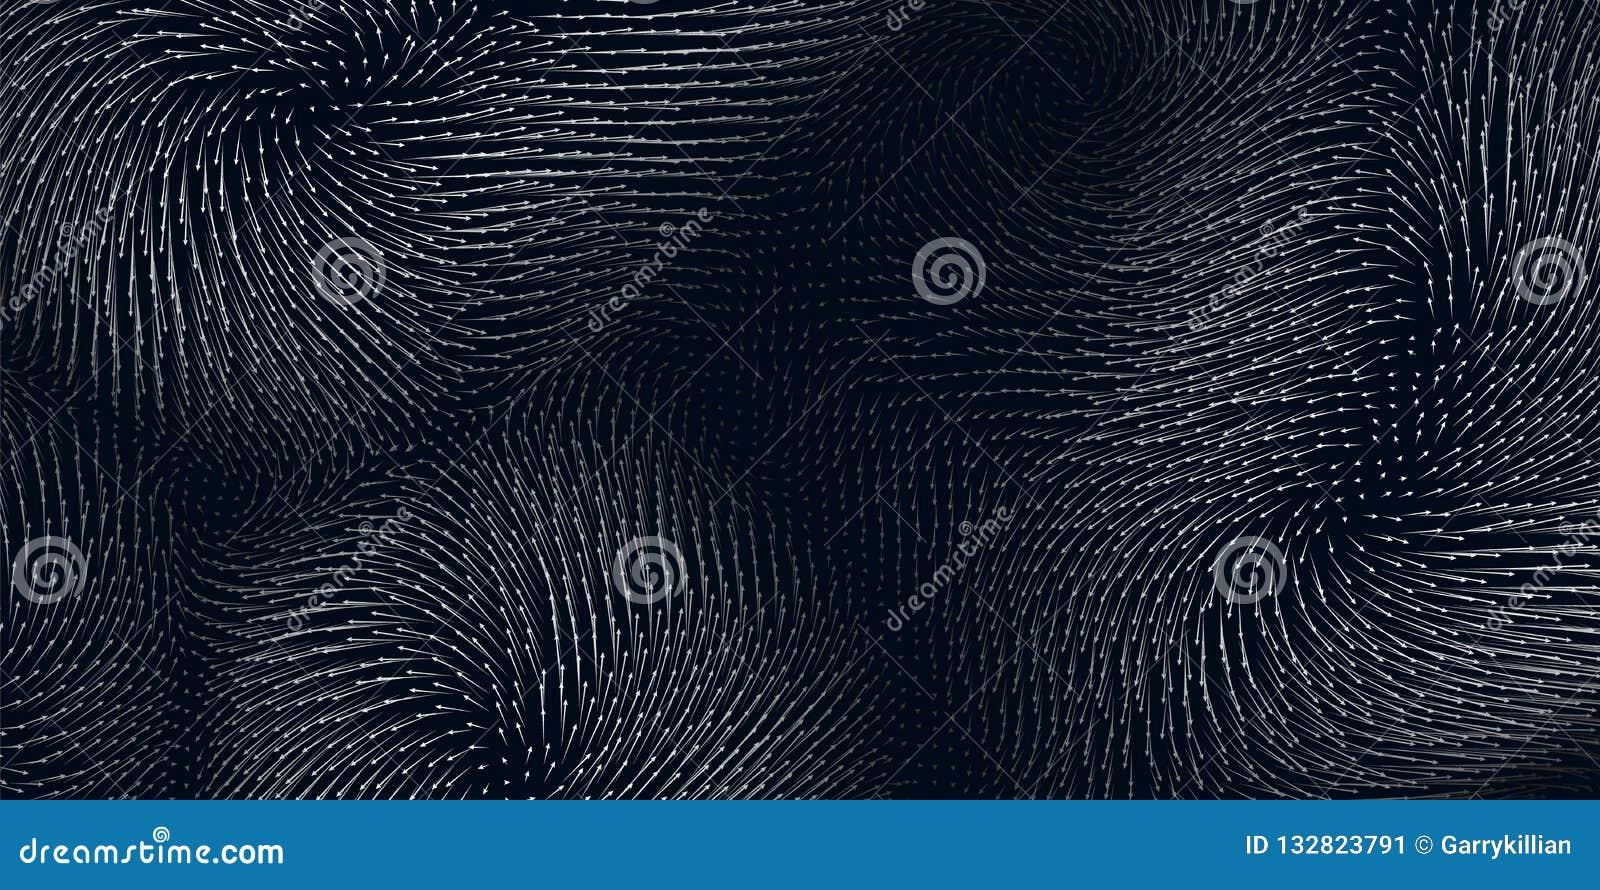 力量的传染媒介蓝色领域形象化 磁性或重心波动图 与矩阵的科学背景